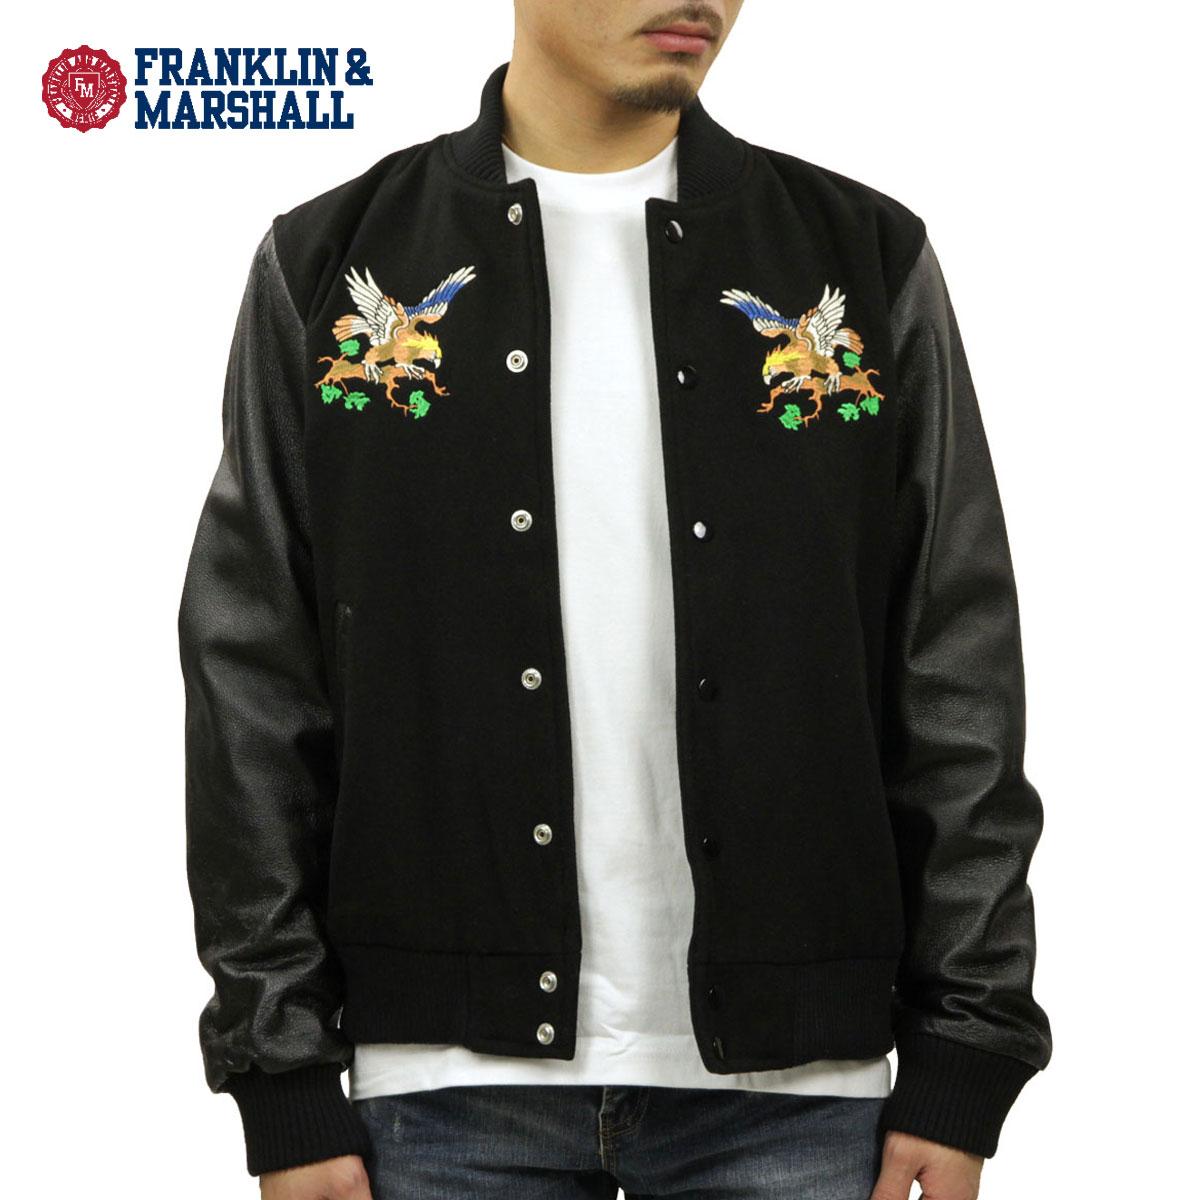 フランクリン マーシャル FRANKLIN&MARSHALL 正規販売店 メンズ ジャケット EMBROIDERY STADIUM JACKET BLACK JKMAL008AN 5027 D00S20